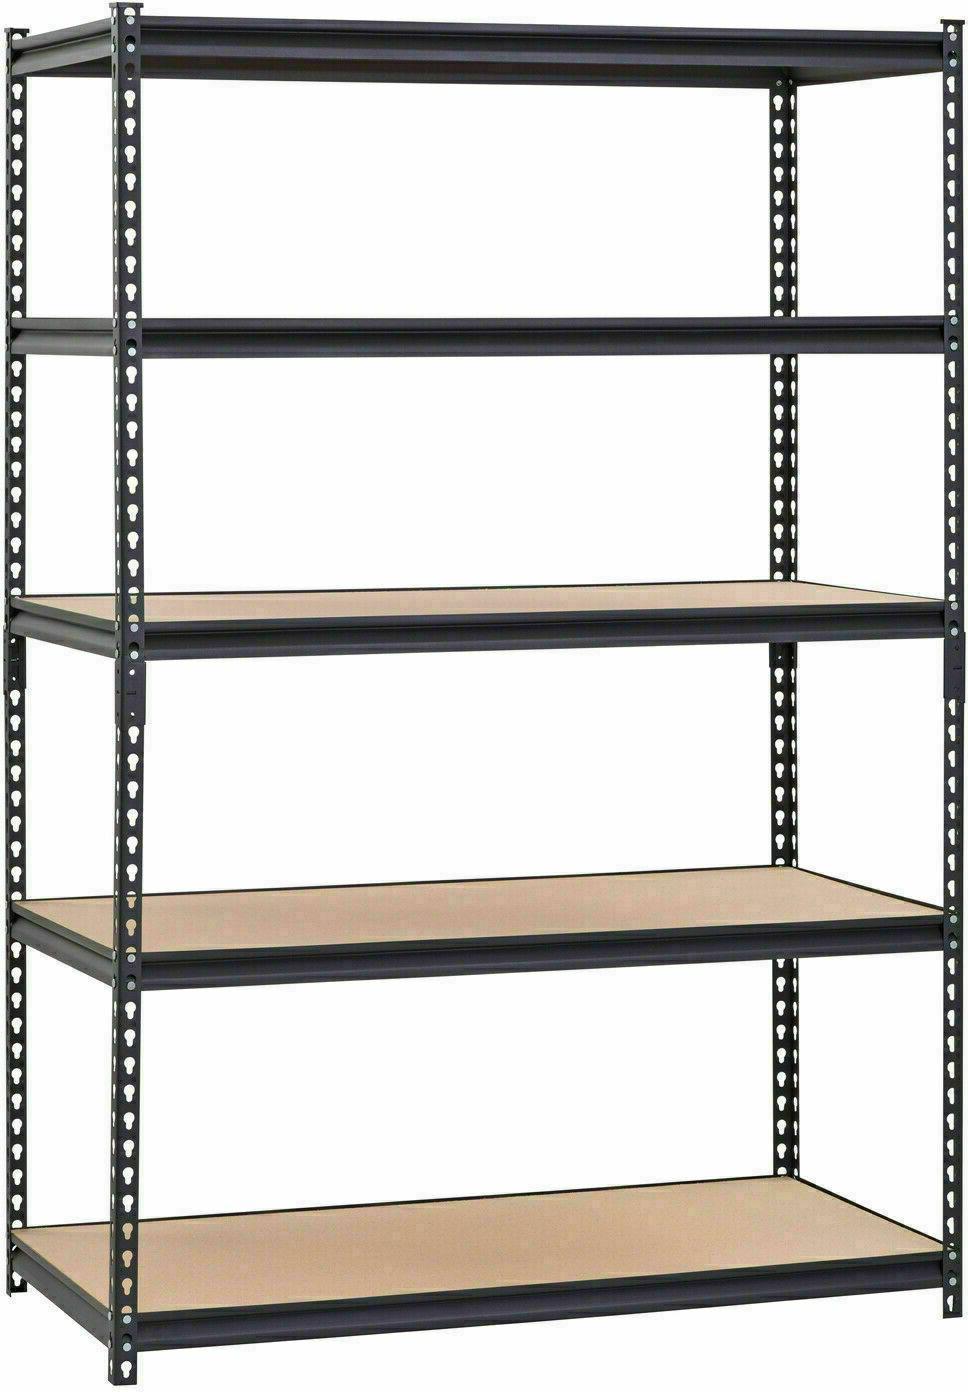 Muscle Rack Heavy-Duty 5-Shelf Steel Shelving 48x24x72 Garag